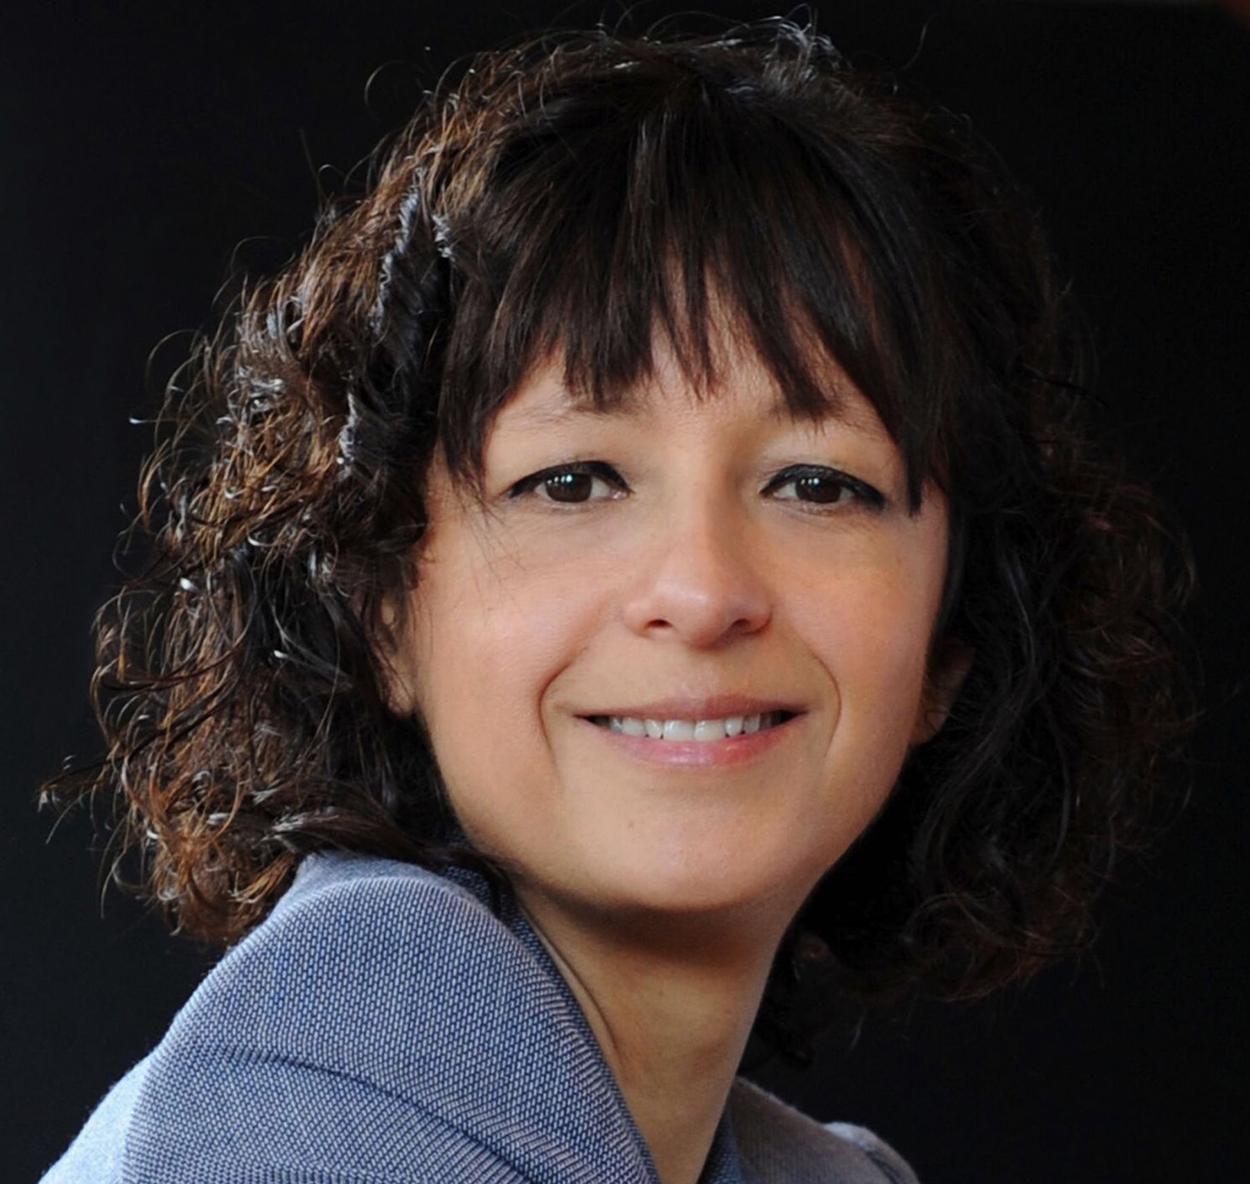 Emmanuelle Charpentier, Foto: Bianca Fioretti, Hallbauer & Fioretti, CC-BY-SA 4.0